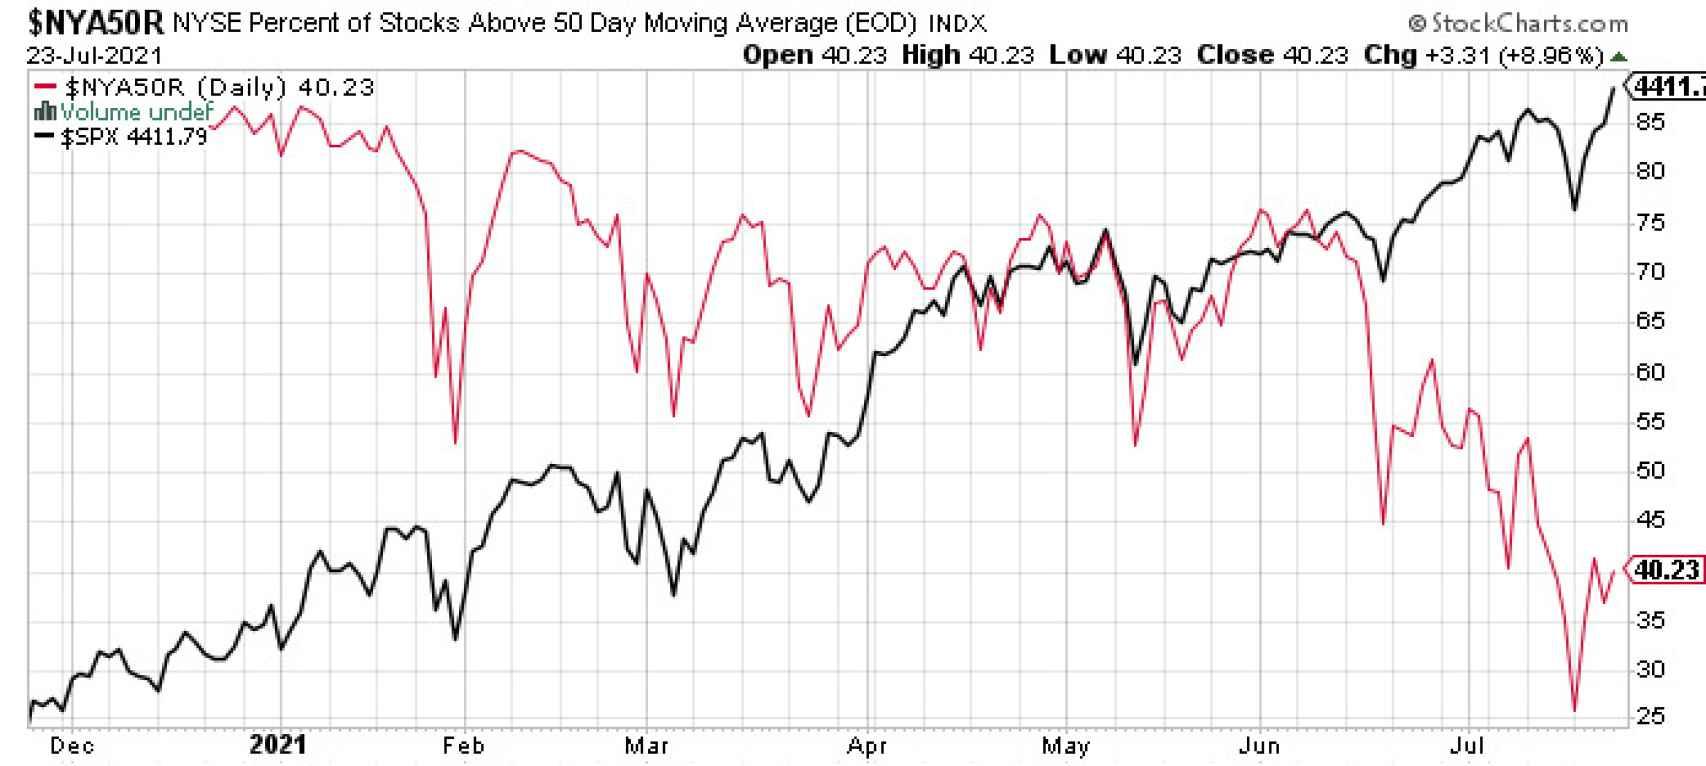 S&P y porcentaje de valores sobre su media de medio plazo